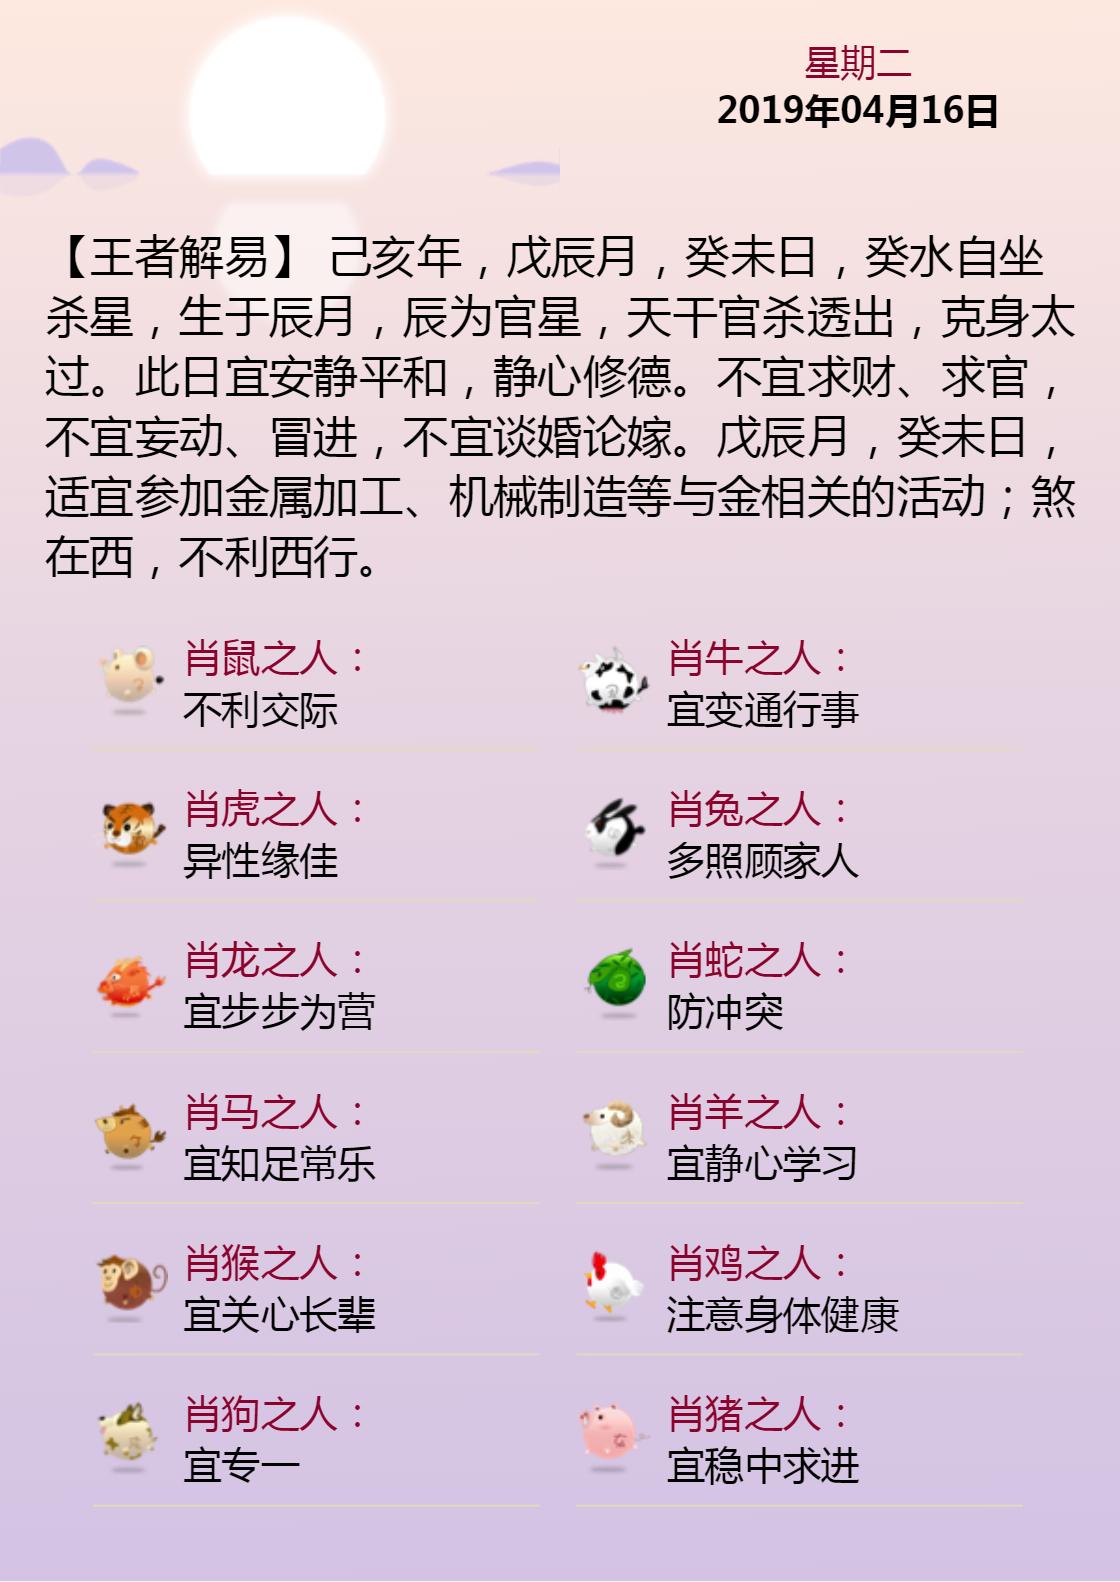 黄历海报20190416.png